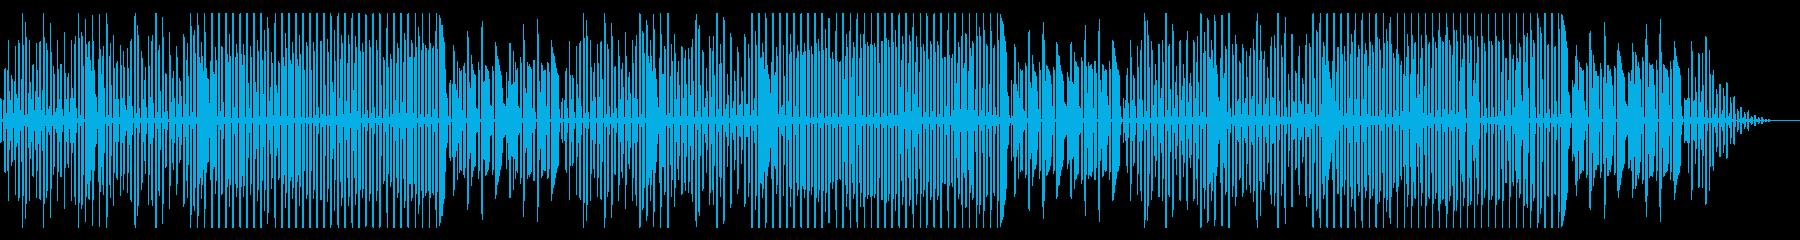 「ウイリアムテル序曲」脱力系アレンジの再生済みの波形